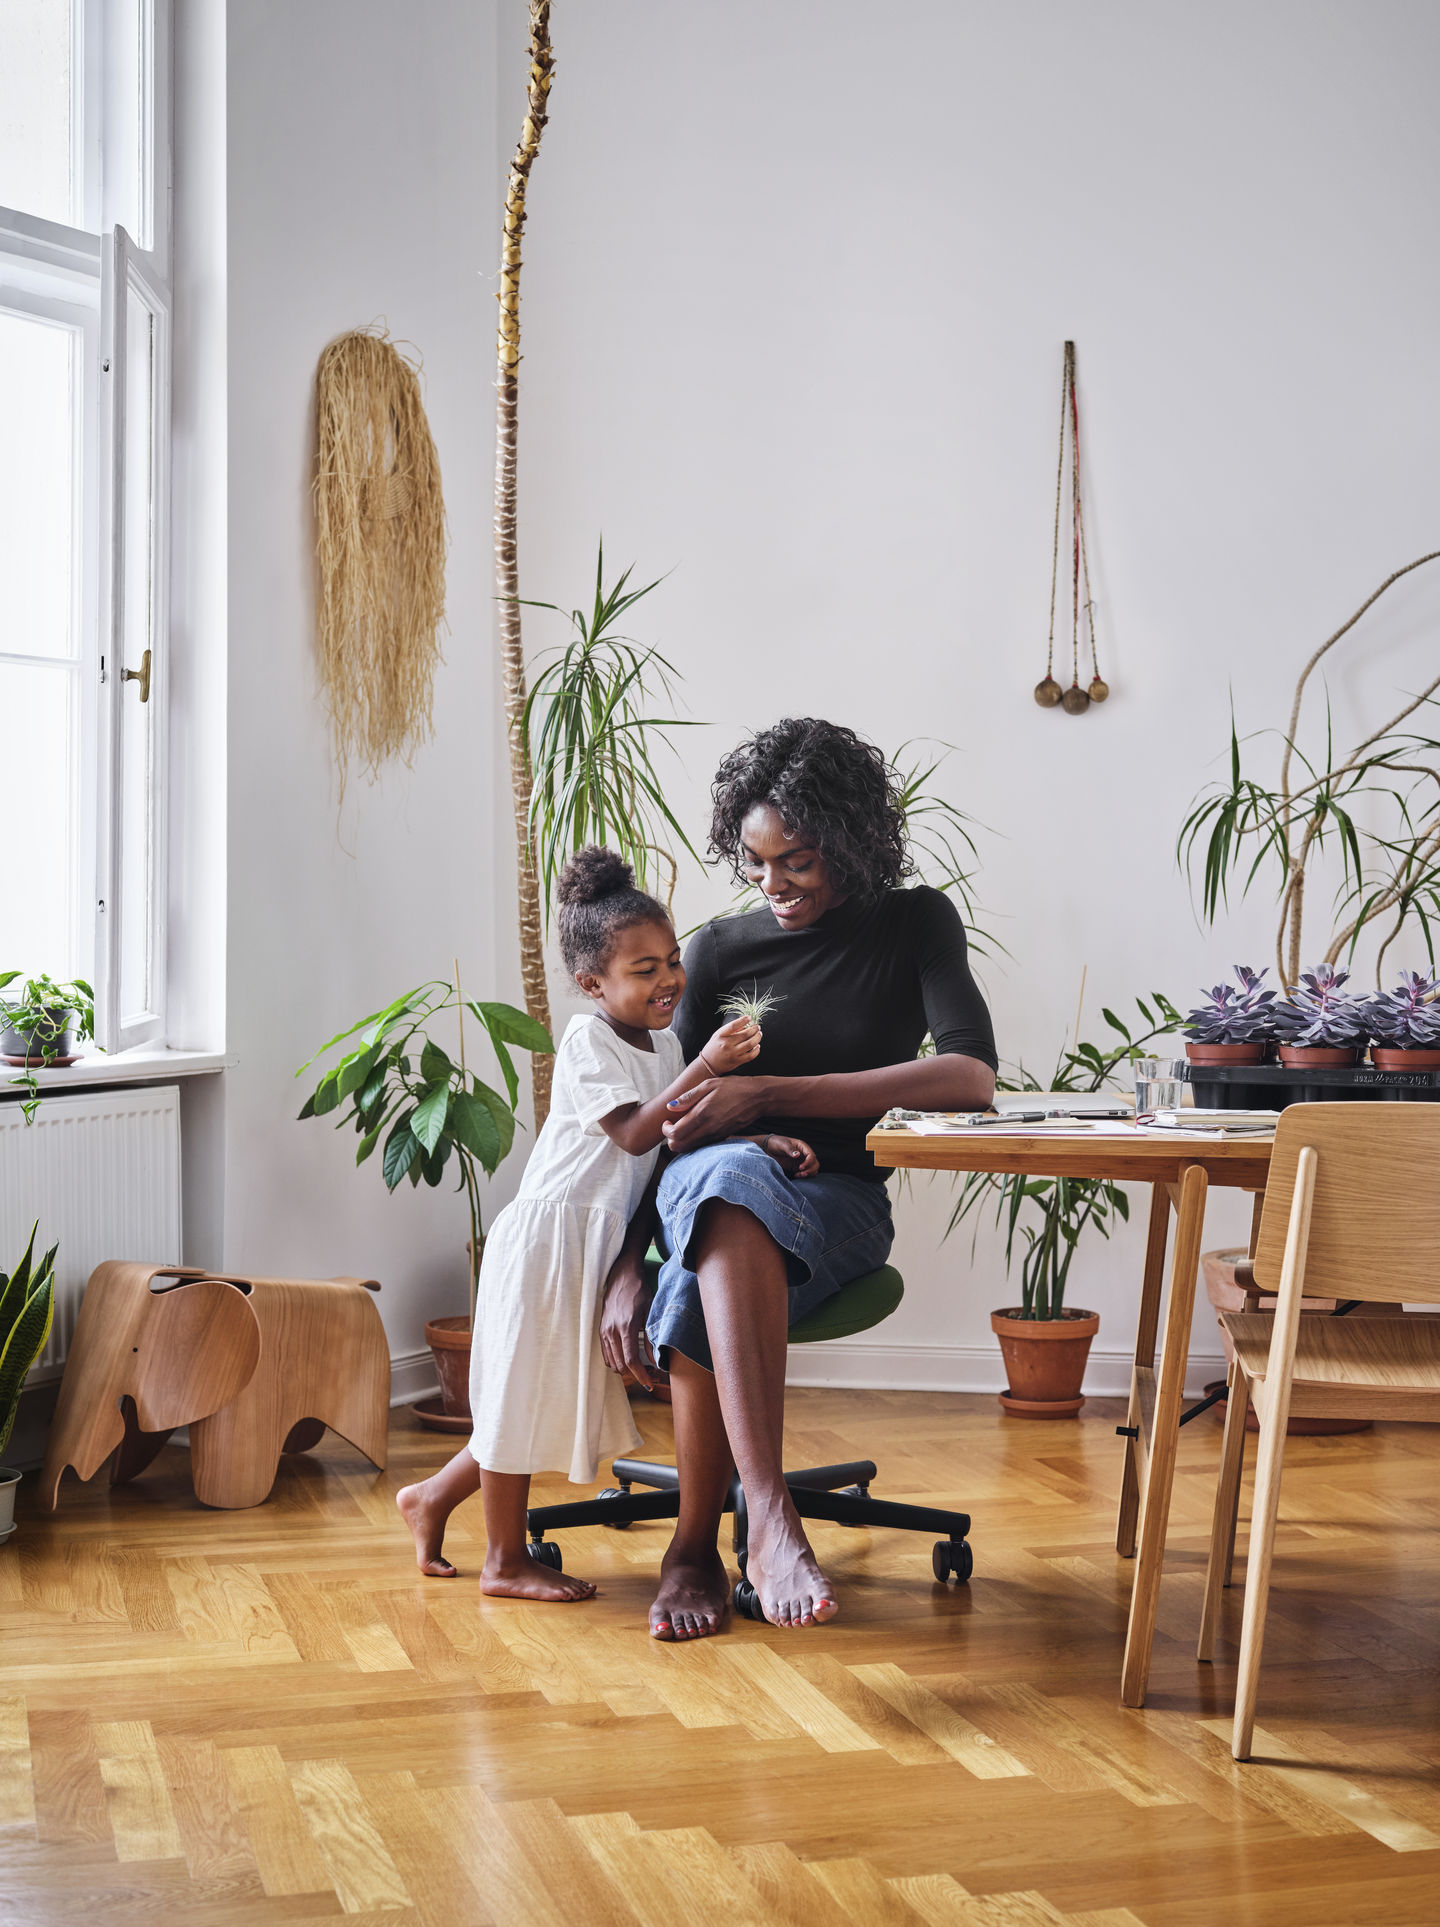 Vitra Home Stories 2020/21 - Zuhause ist es doch am schönsten